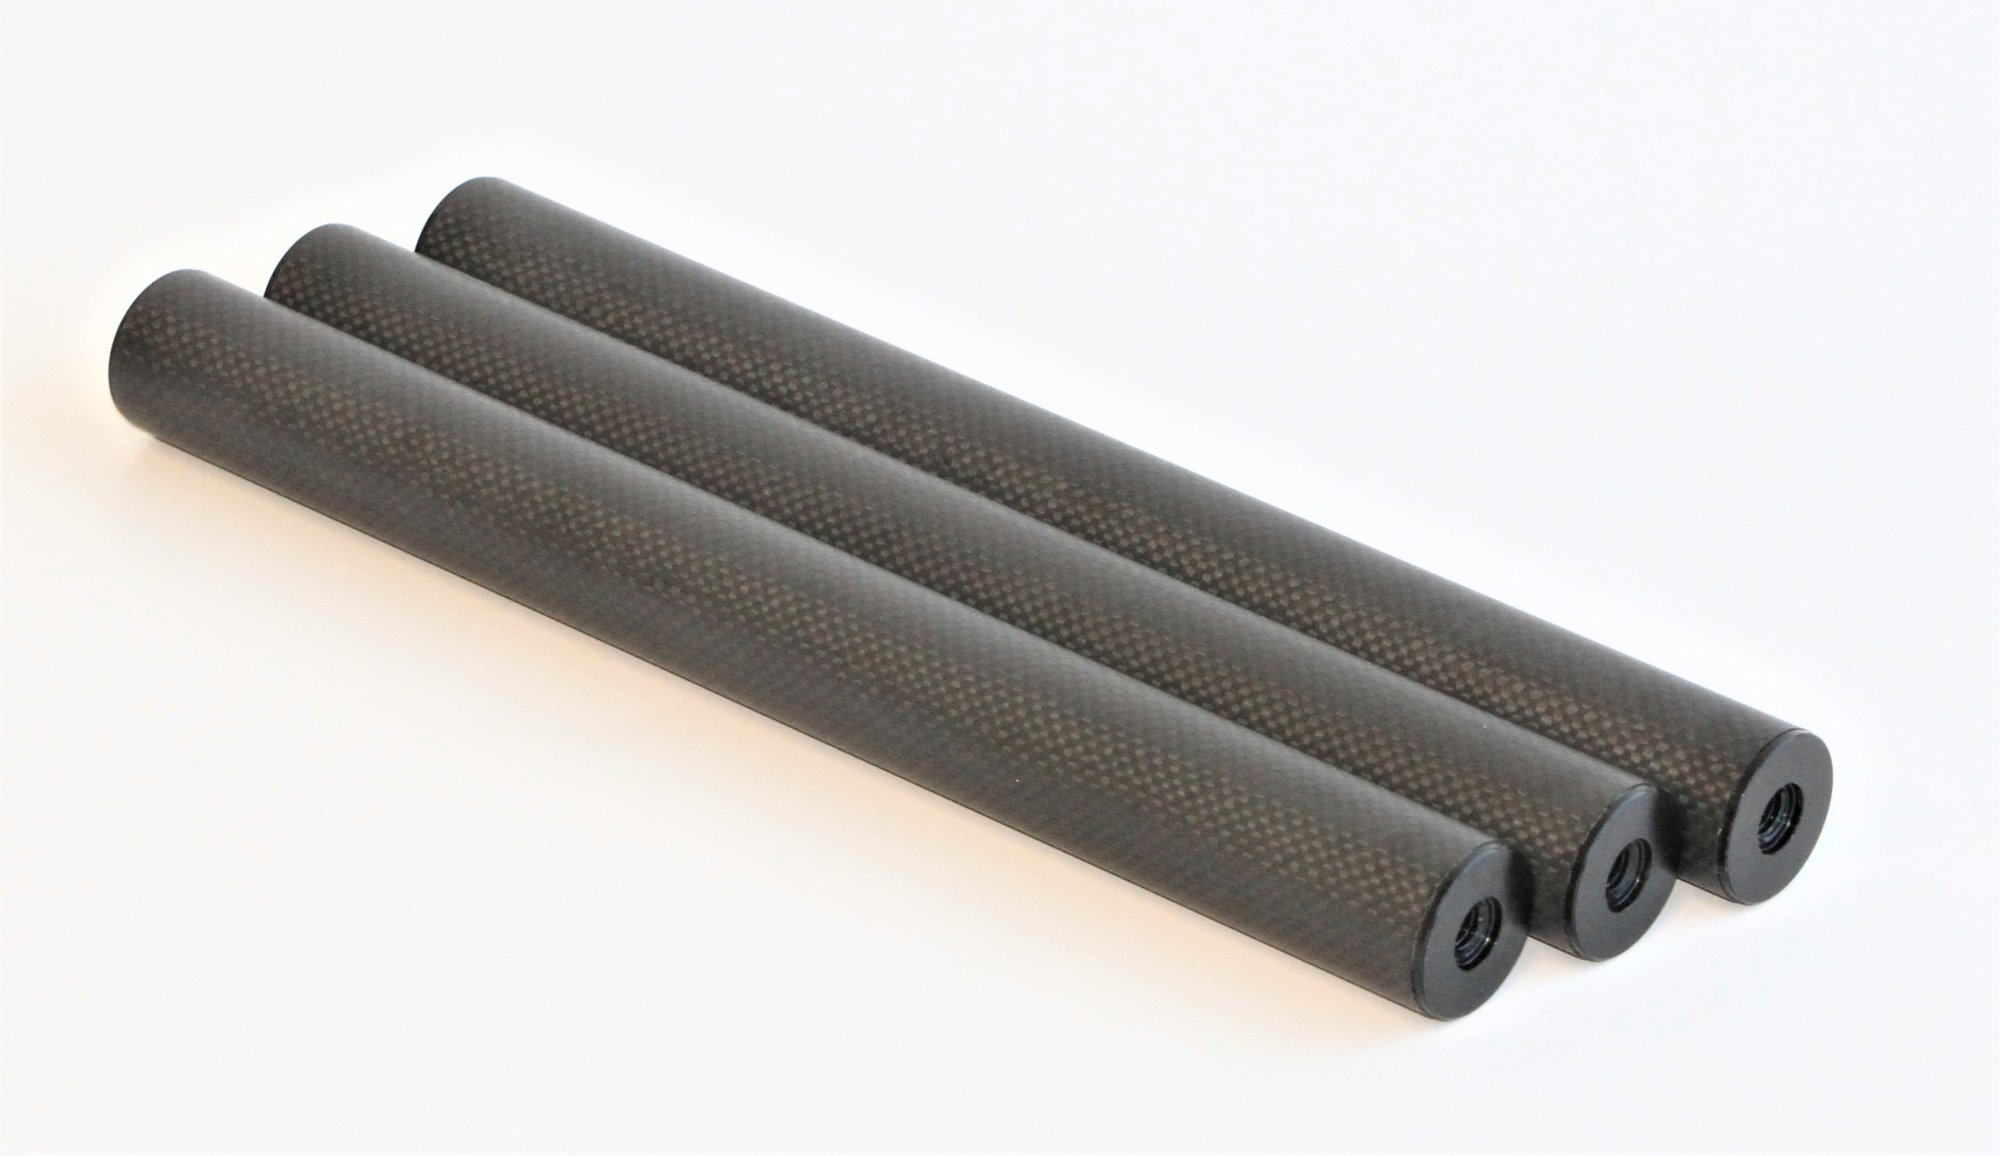 12 Carbon Fiber 32mm Leg Extension, 3 Pack